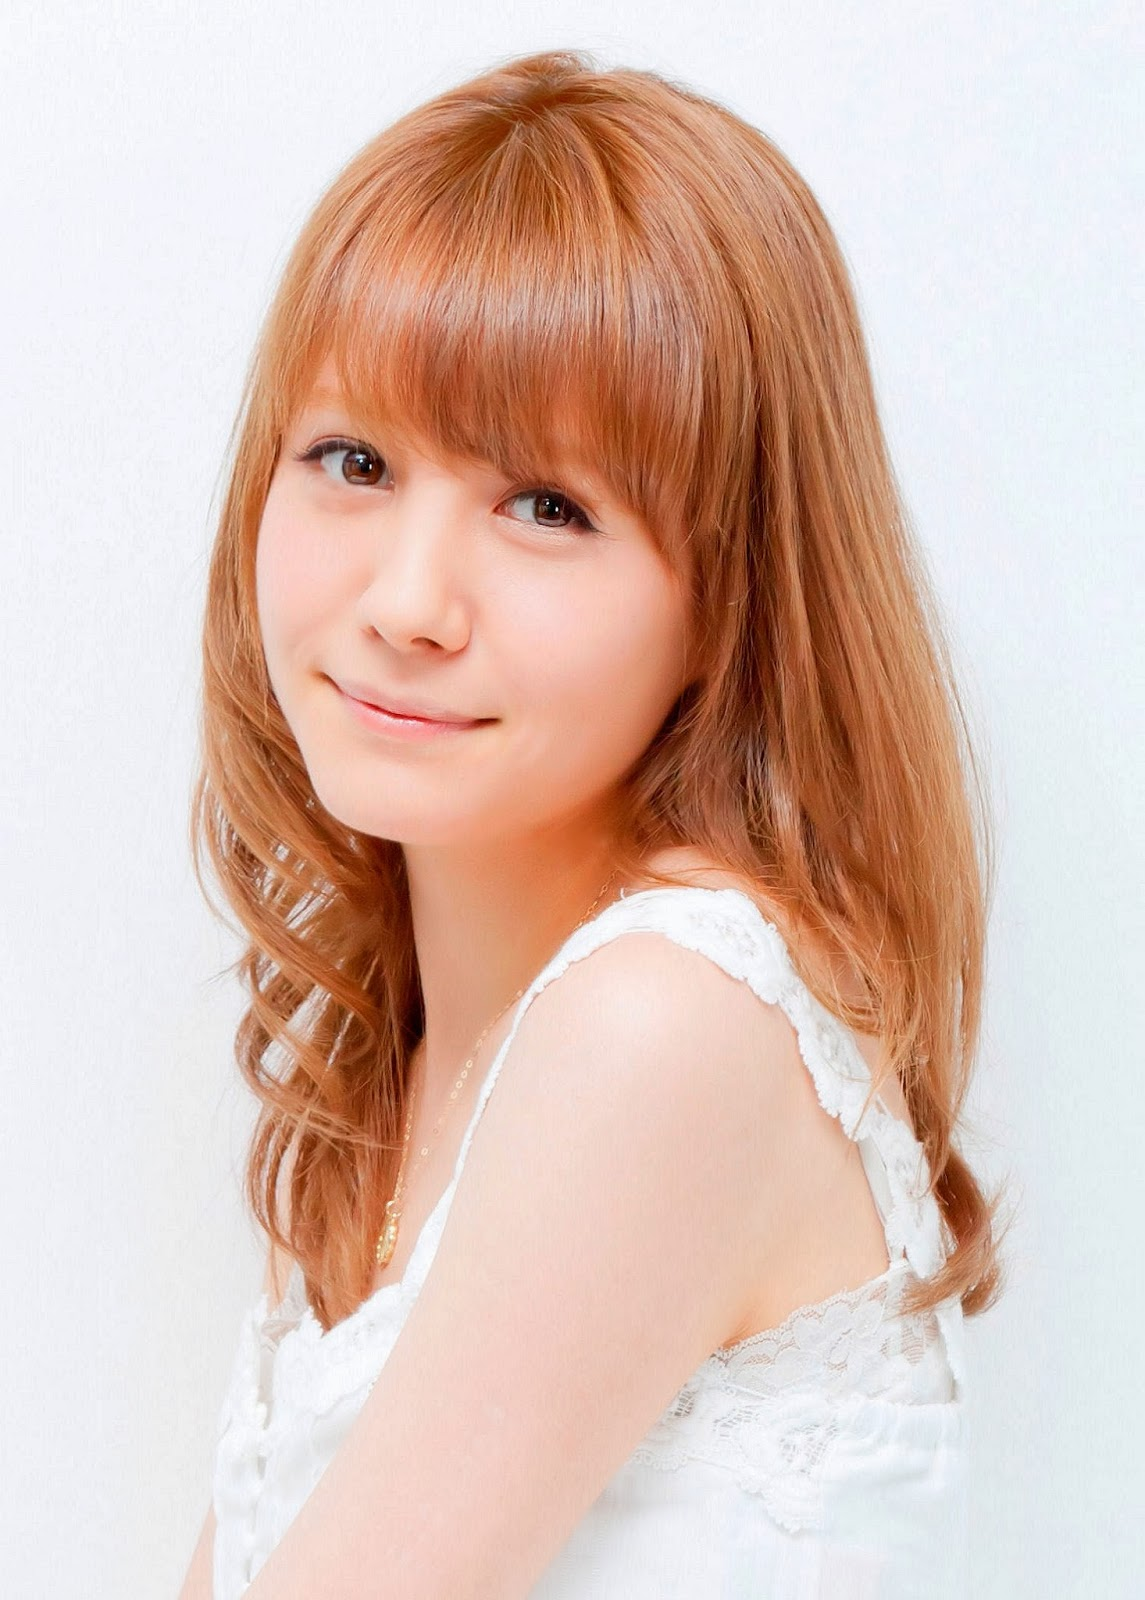 Triendl Reina as Sasaki Rinka